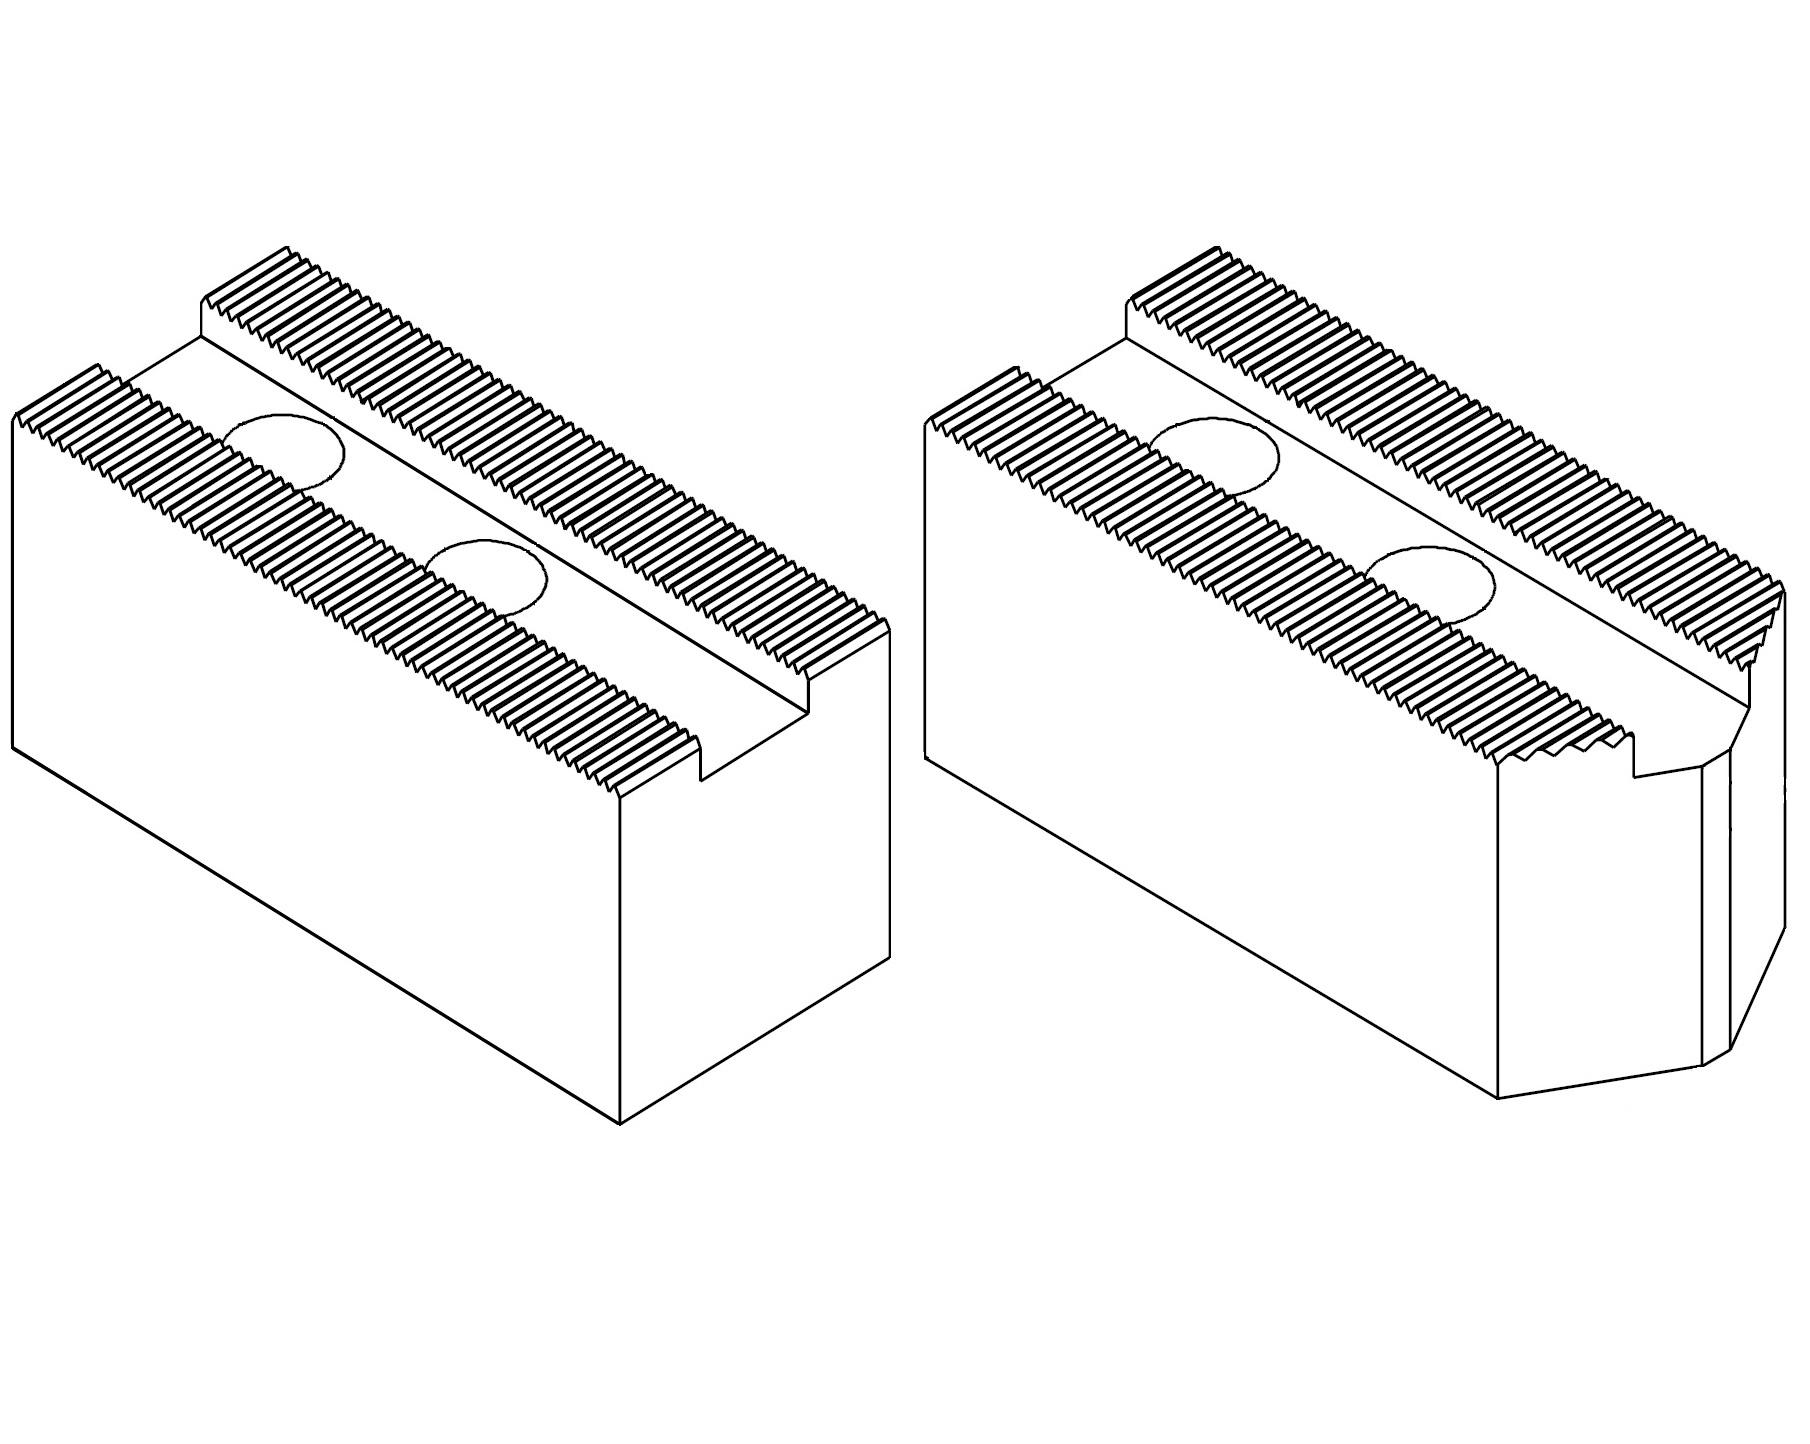 Čelisti měkké 3x60°, šířka drážky - 18 mm